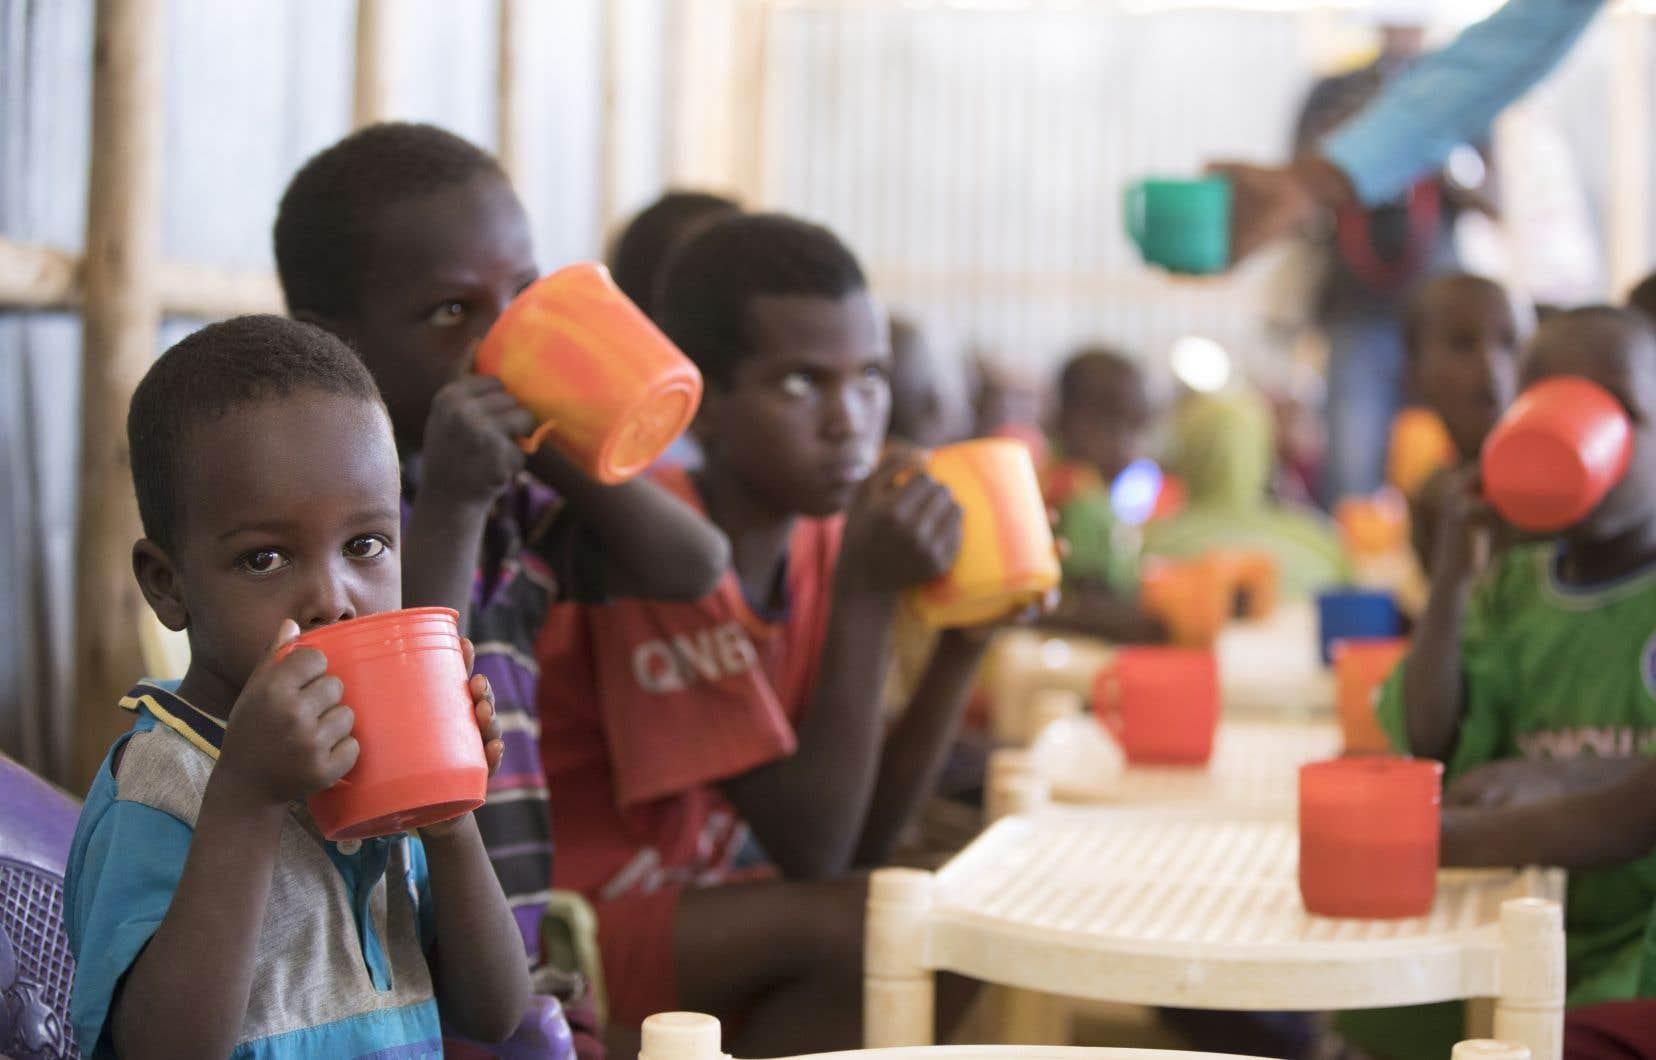 L'Afrique est le continent le plus touché, avec près de 21% de sa population en état de sous-alimentation.